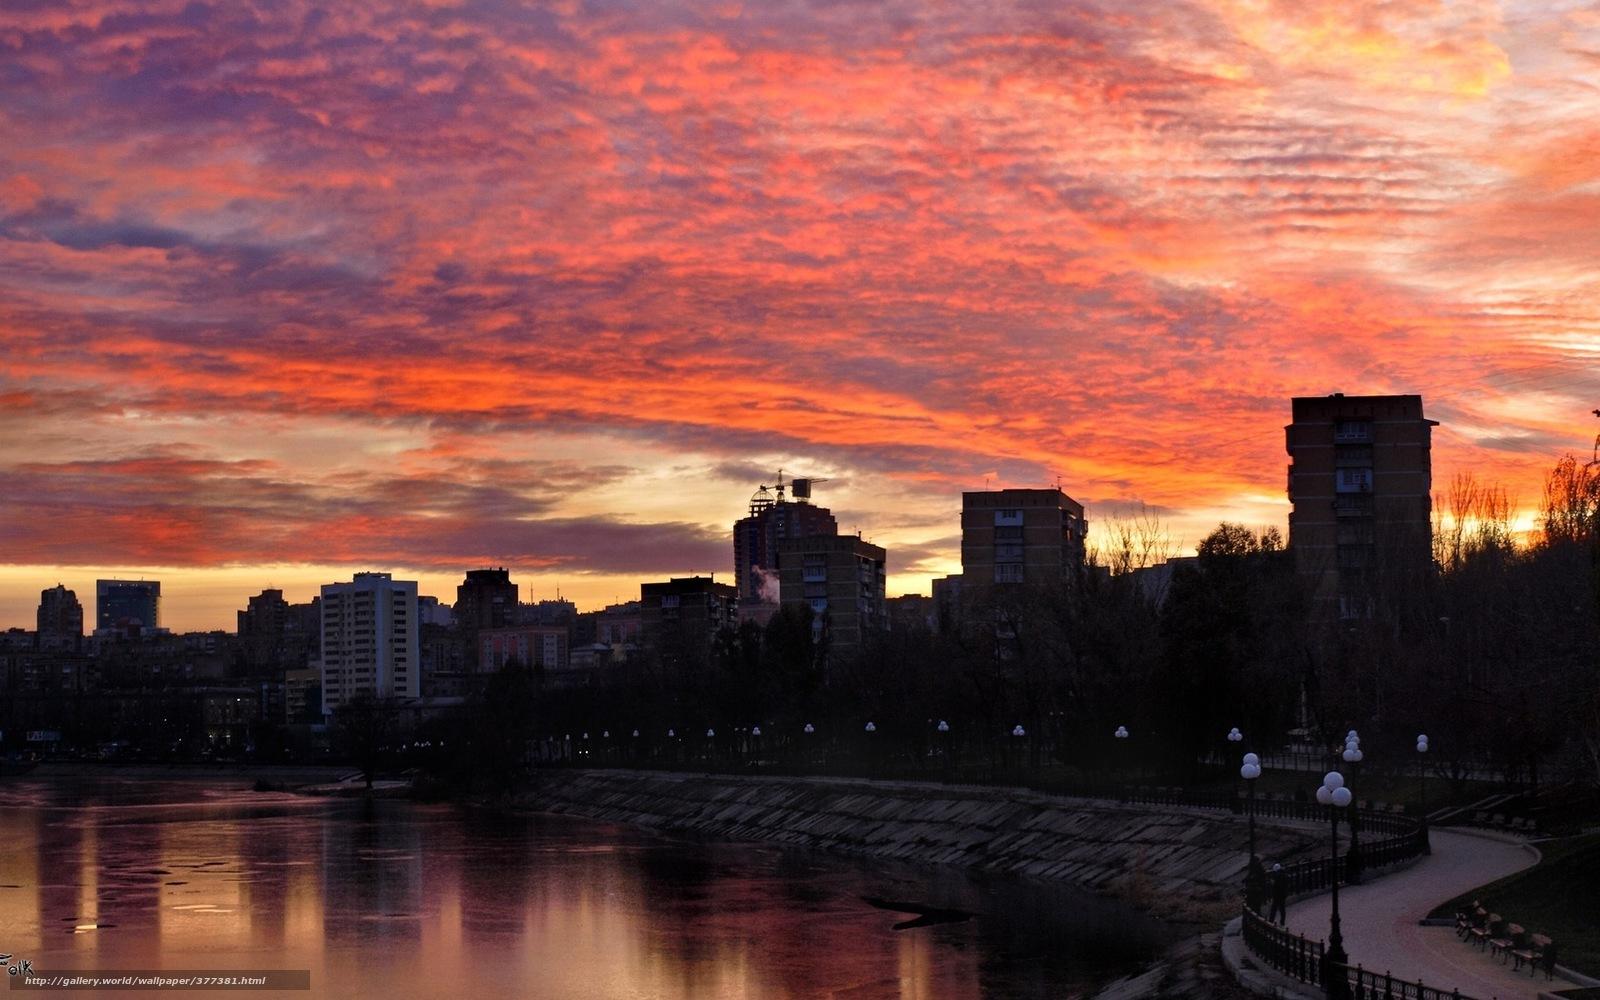 аиф на оби: pictures11.ru/aif-na-obi.html